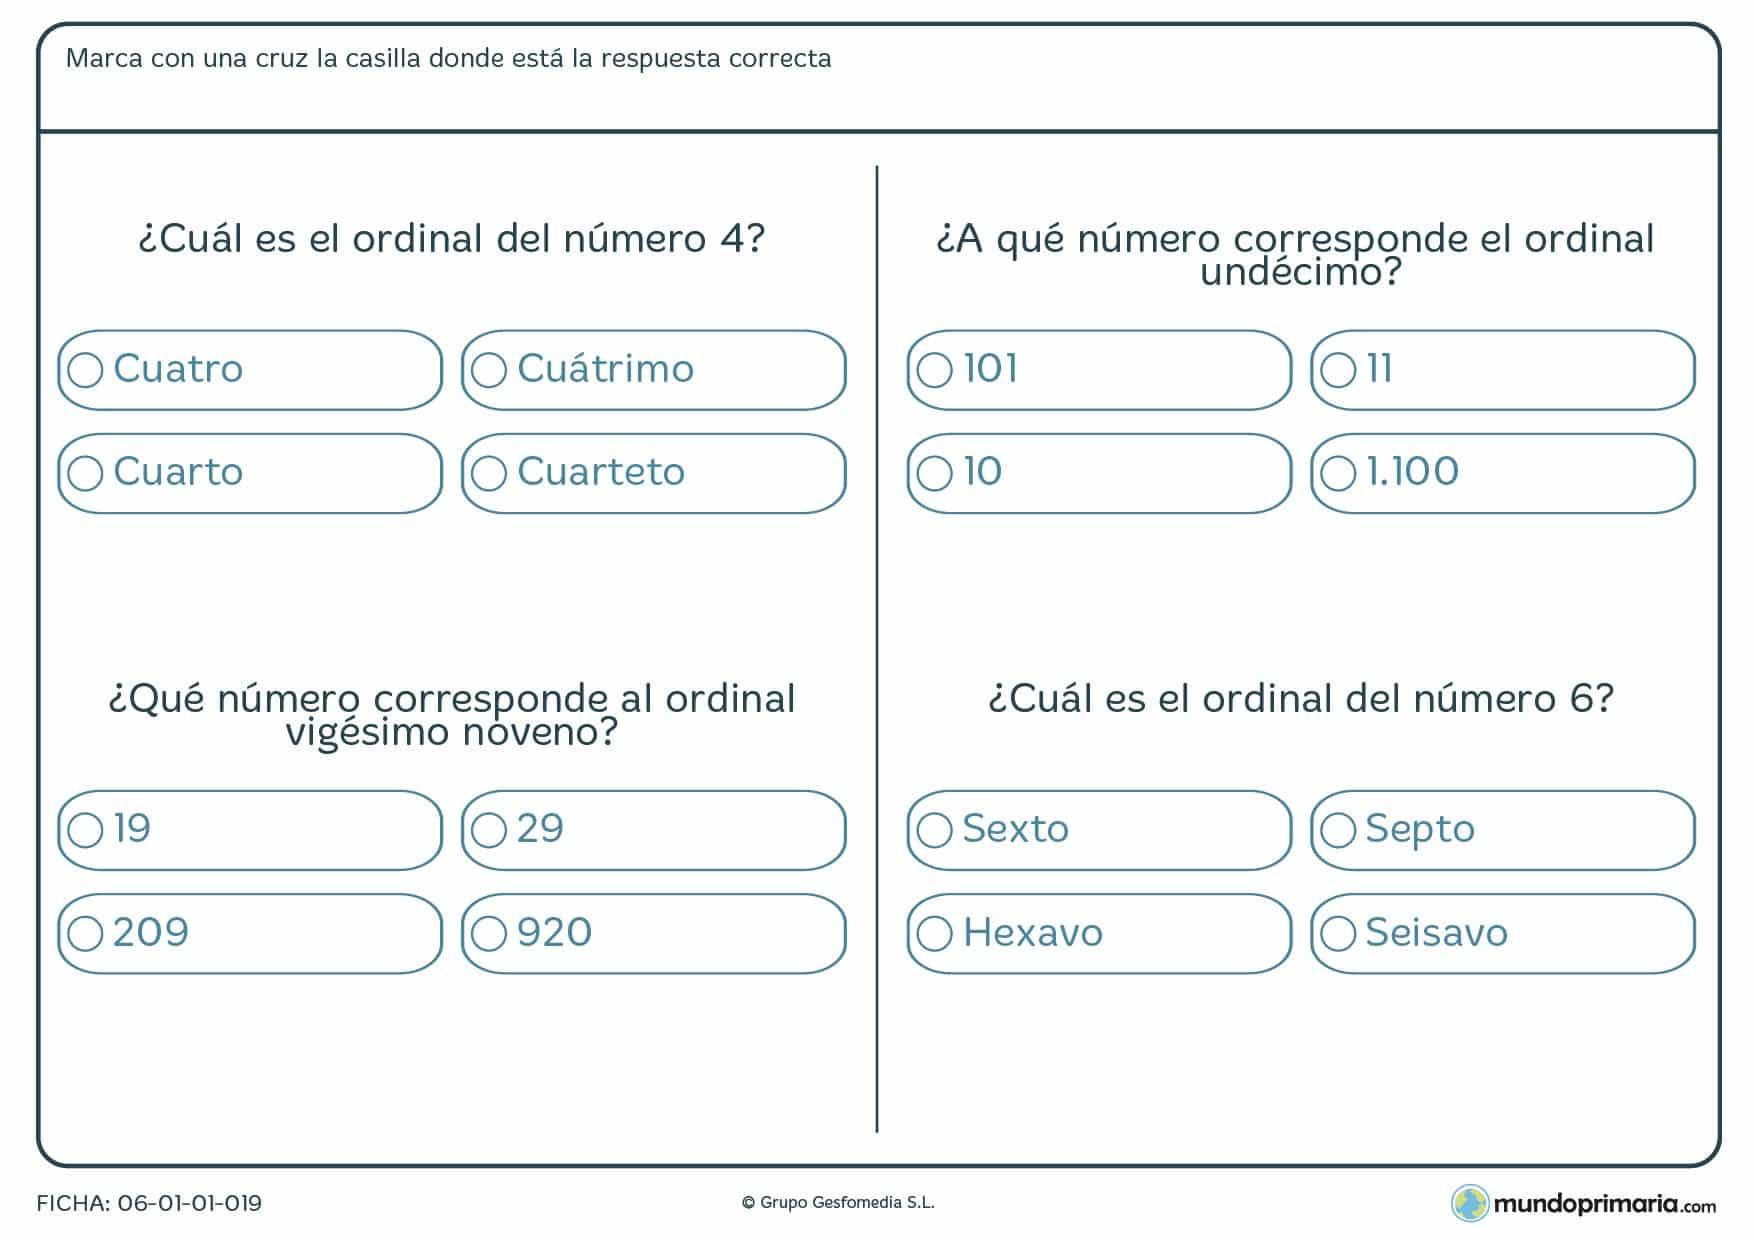 Ficha de cuál es el ordinal en la que has de contestar el correcto ordinal entre cuatro posibles soluciones.